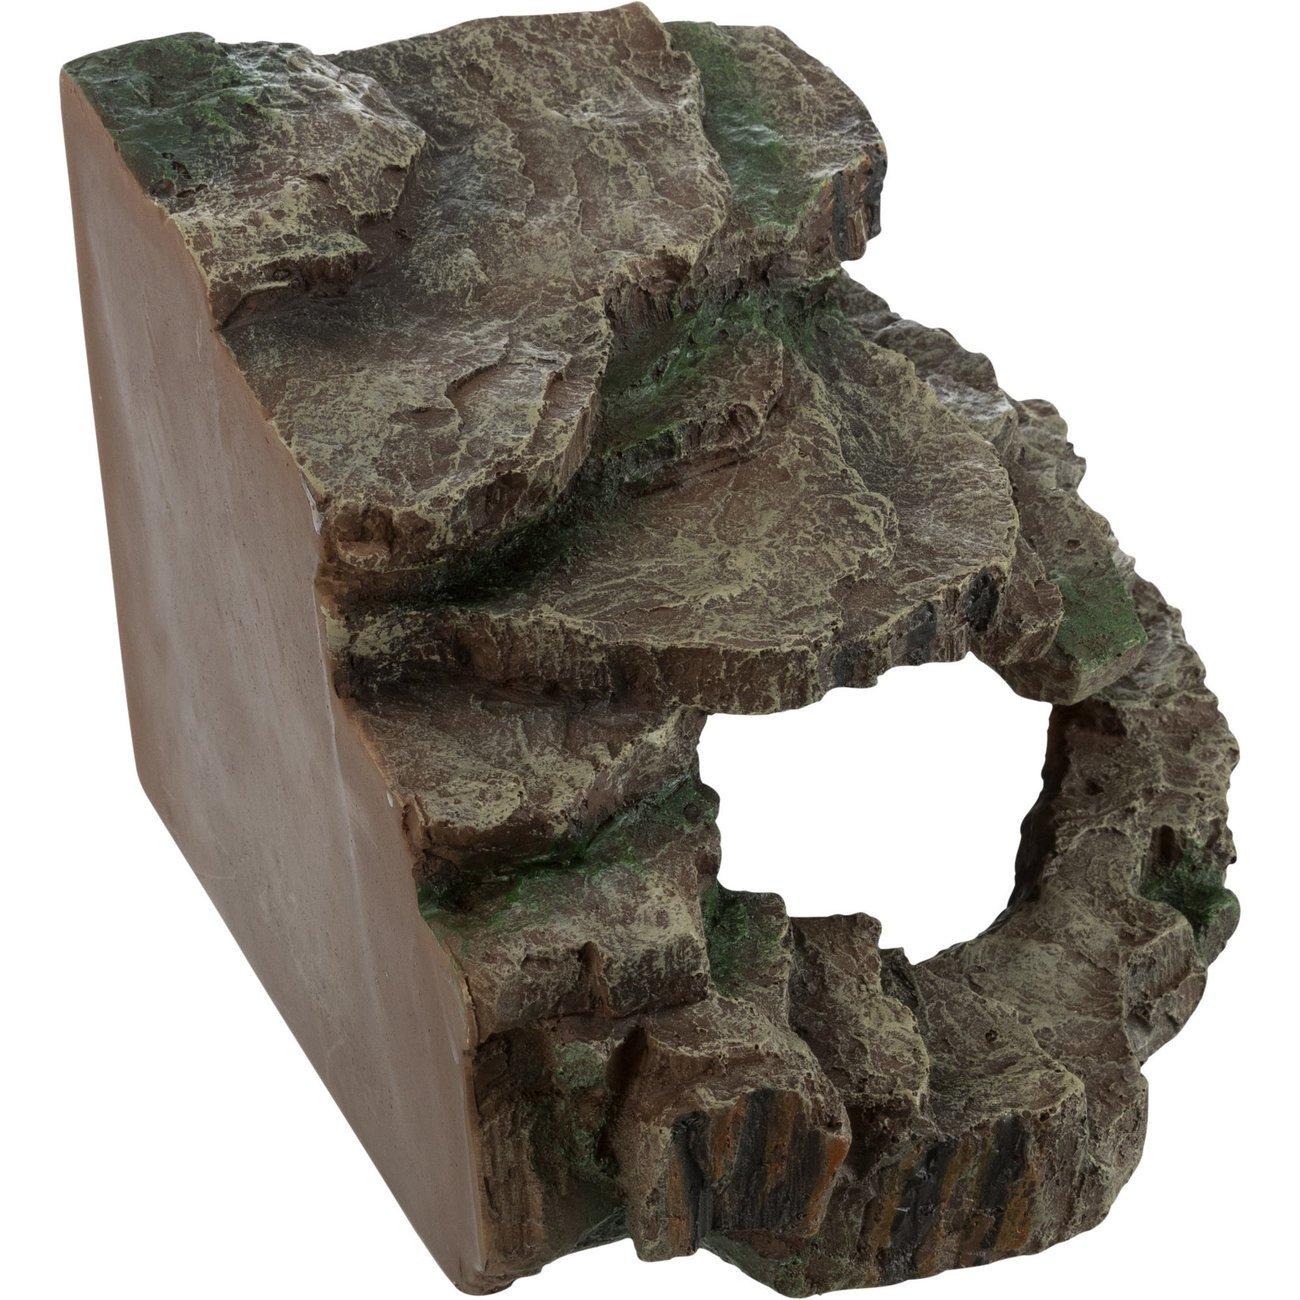 Eck-Felsen mit Höhle und Plattform Bild 3